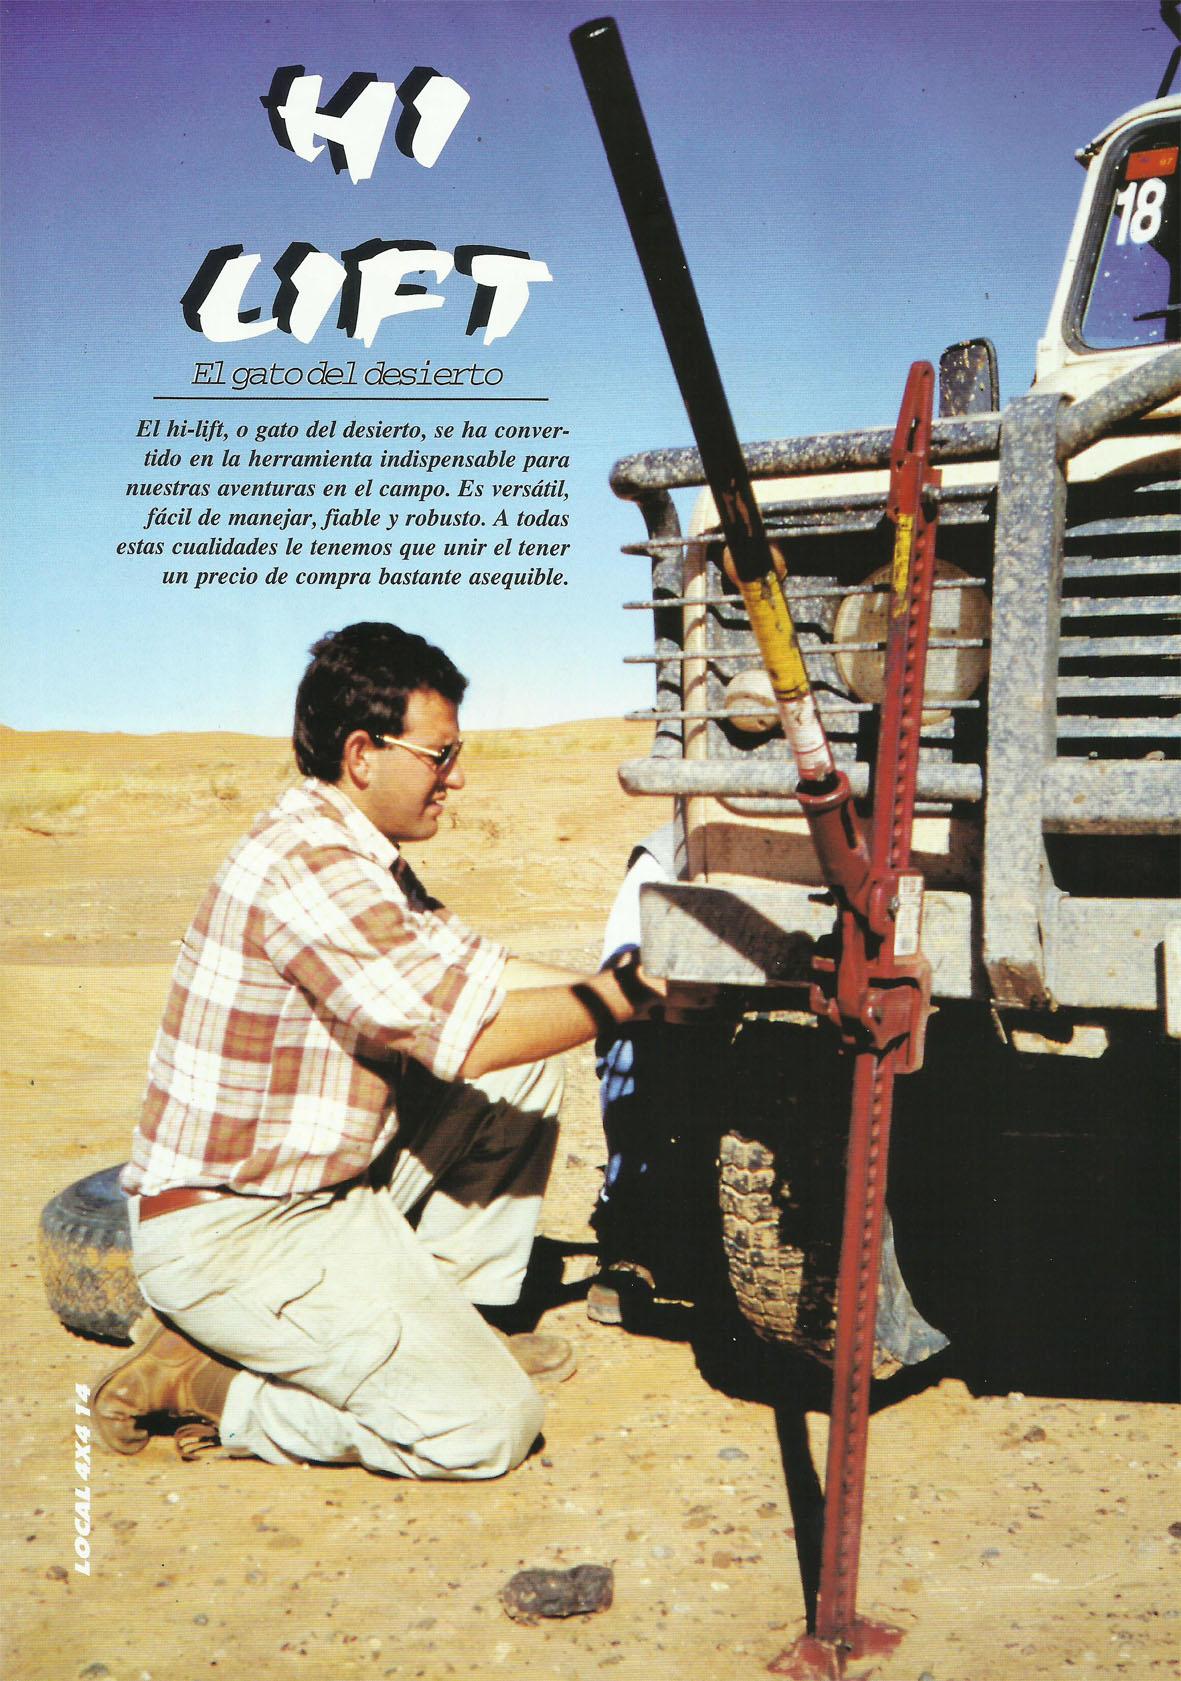 Revista Local 4x4 32 14 Curso de Rescate Gato del Desierto Hi Lift